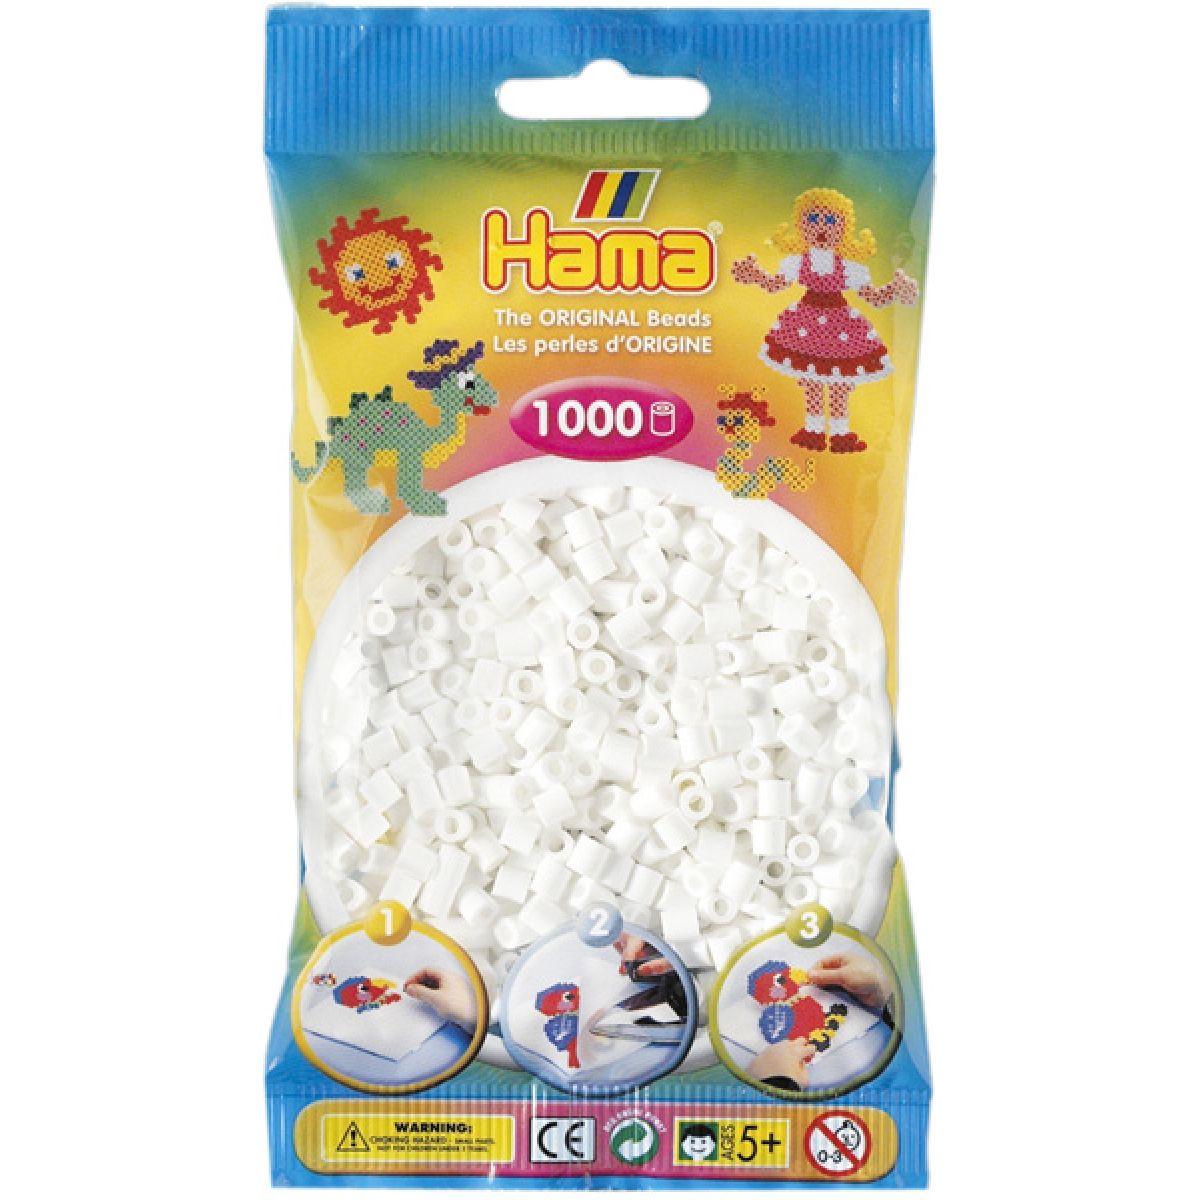 Hama H207-01 Zažehlovací korálky Midi bílé v sáčku 1000 ks